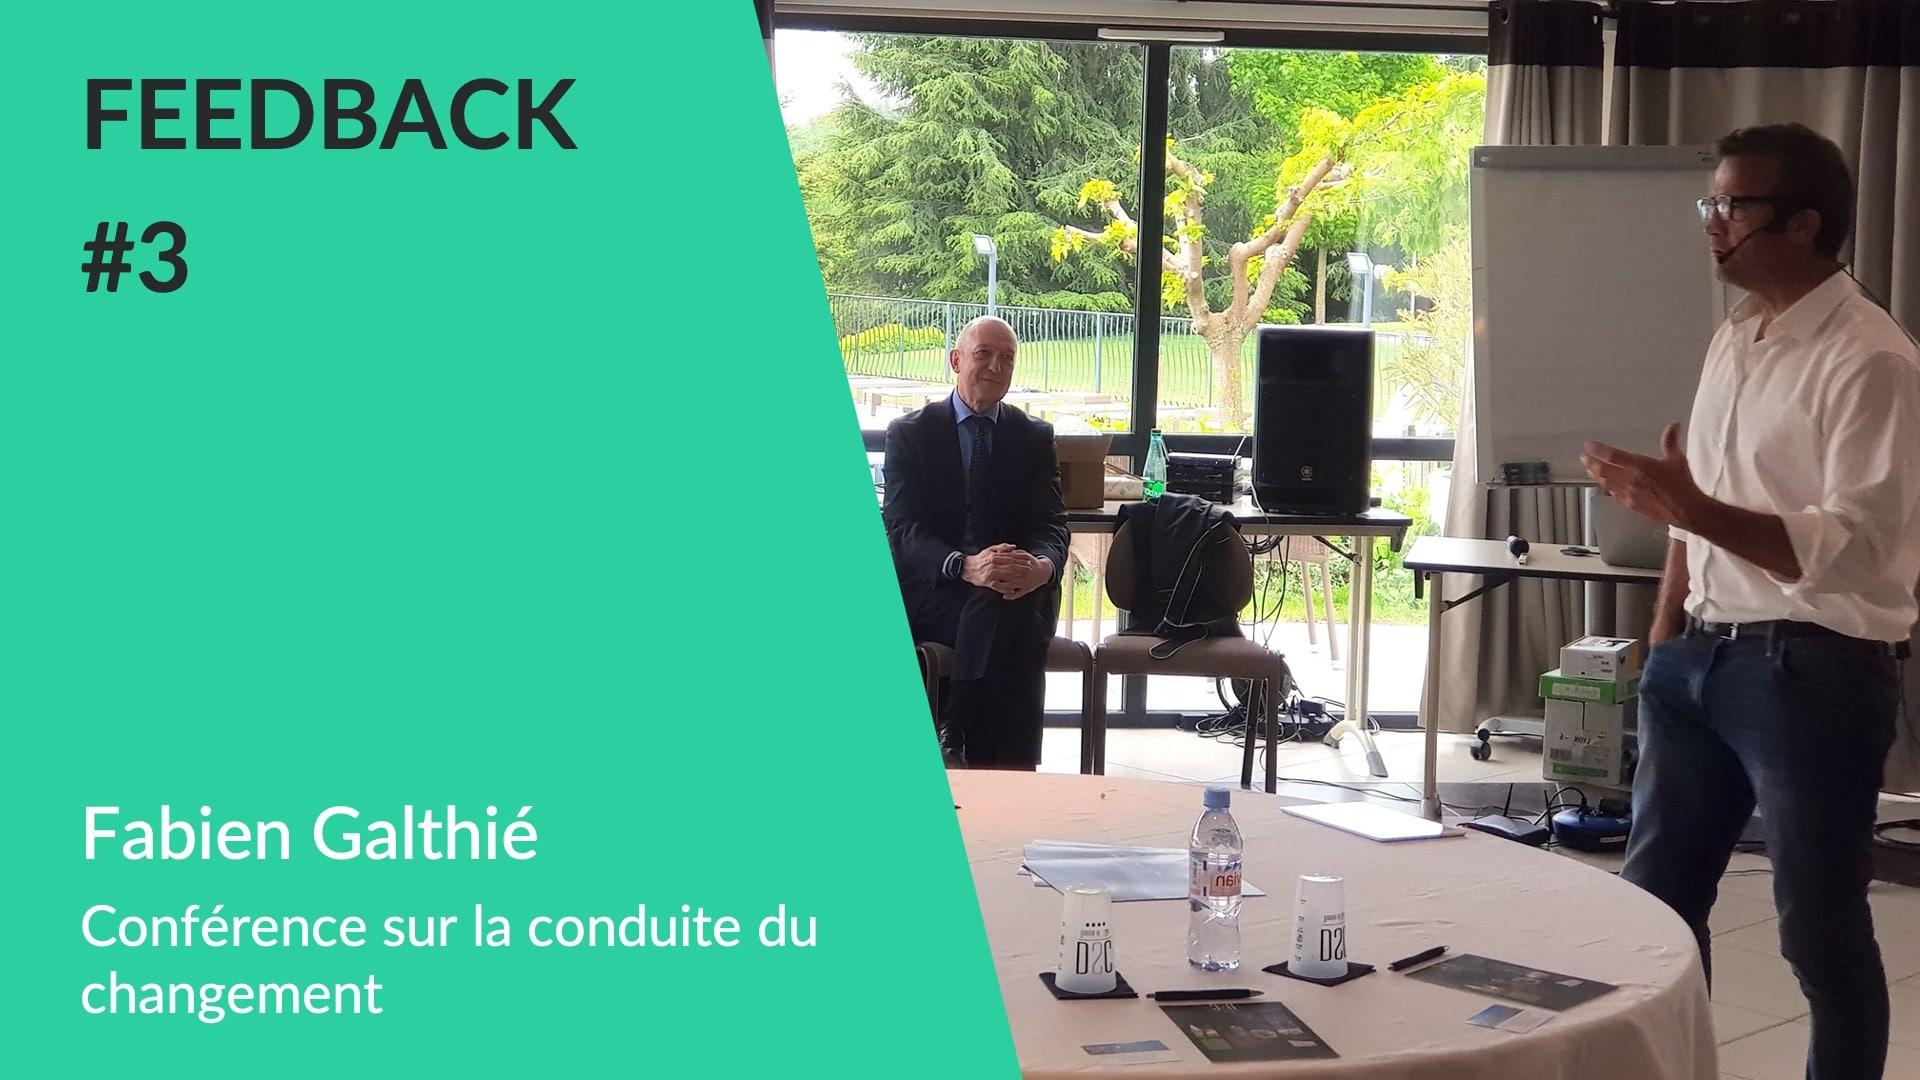 Feedback client WeChamp - Conférence la conduite du changement avec Fabien Galthié pour la Caisse d'Epargne